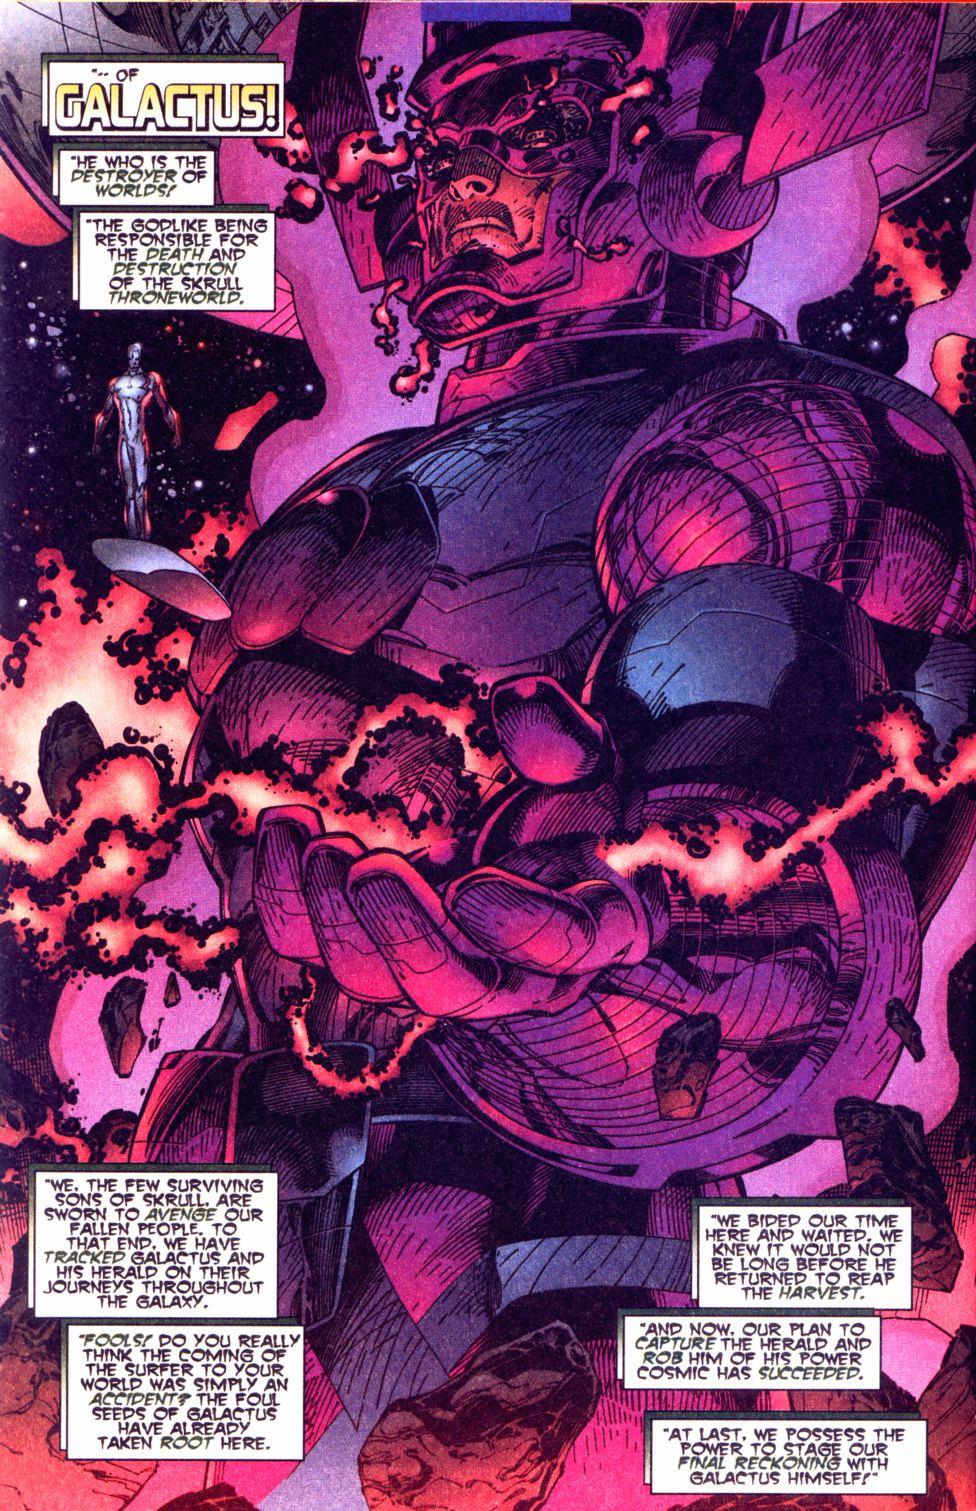 Galactus (Heroes Reborn) (Earth-616)/Gallery